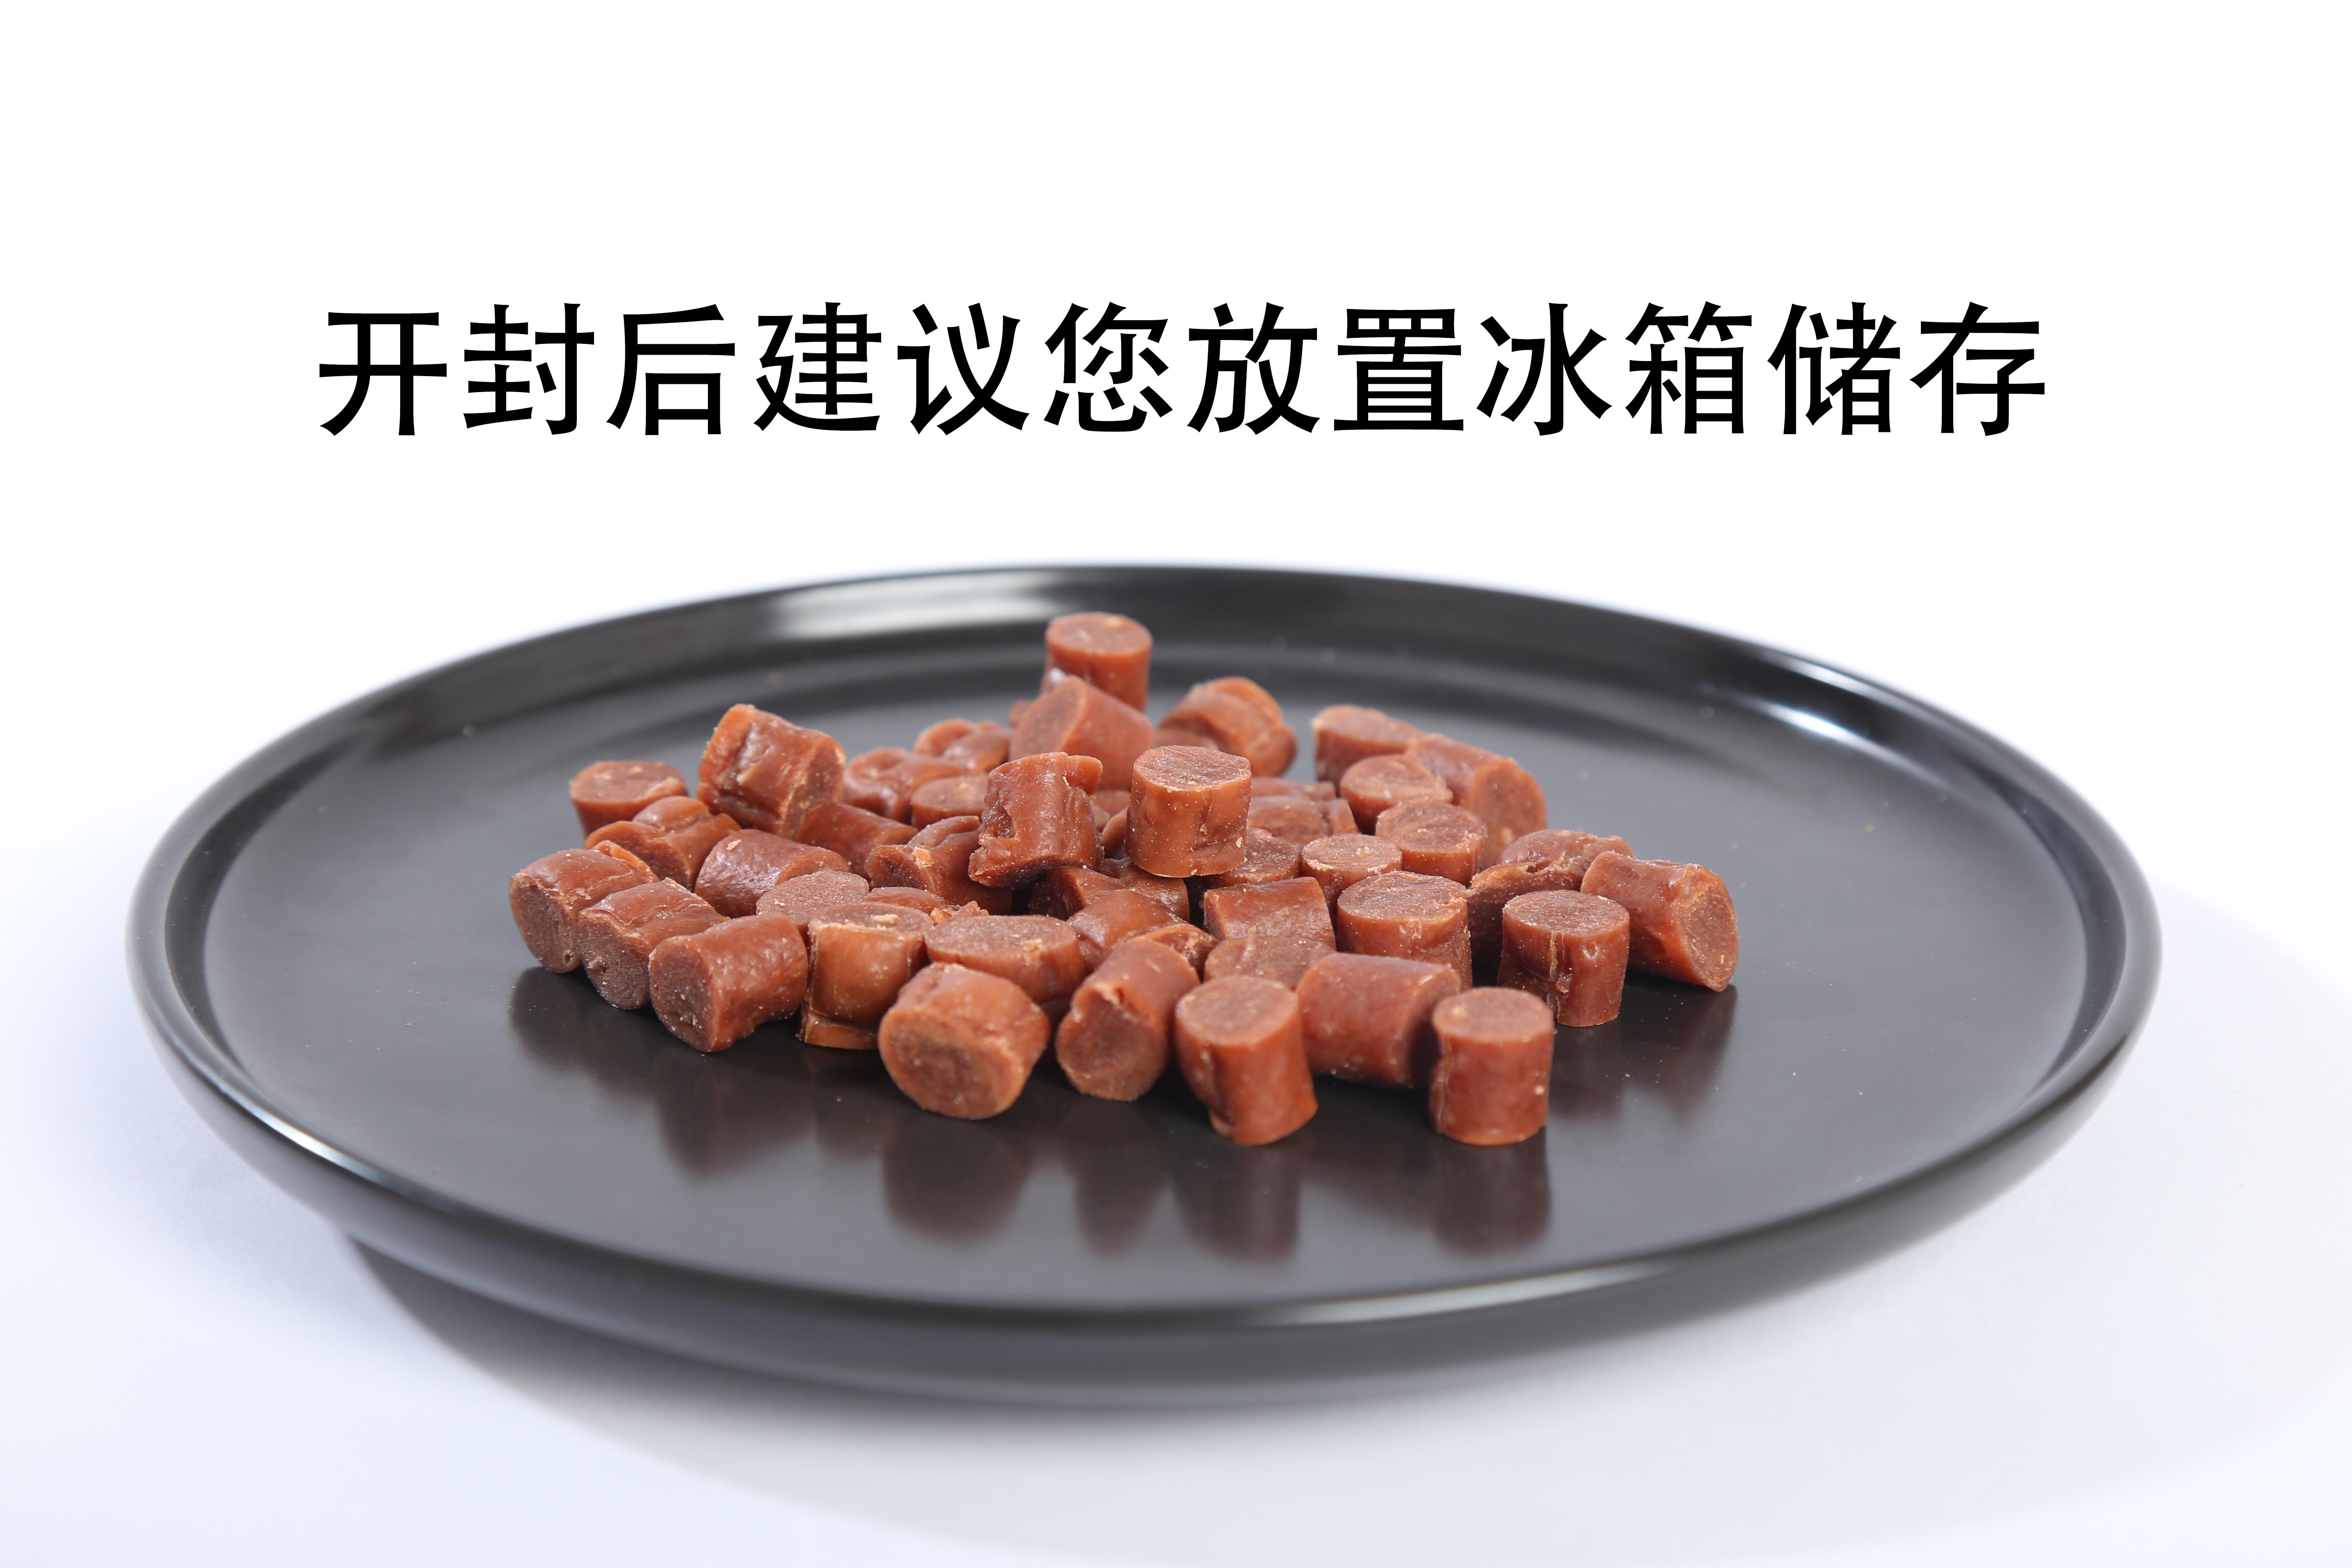 狗狗零食牛肉粒500g宠物泰迪金毛牛肉干牛肉条训犬奖励大礼包包邮